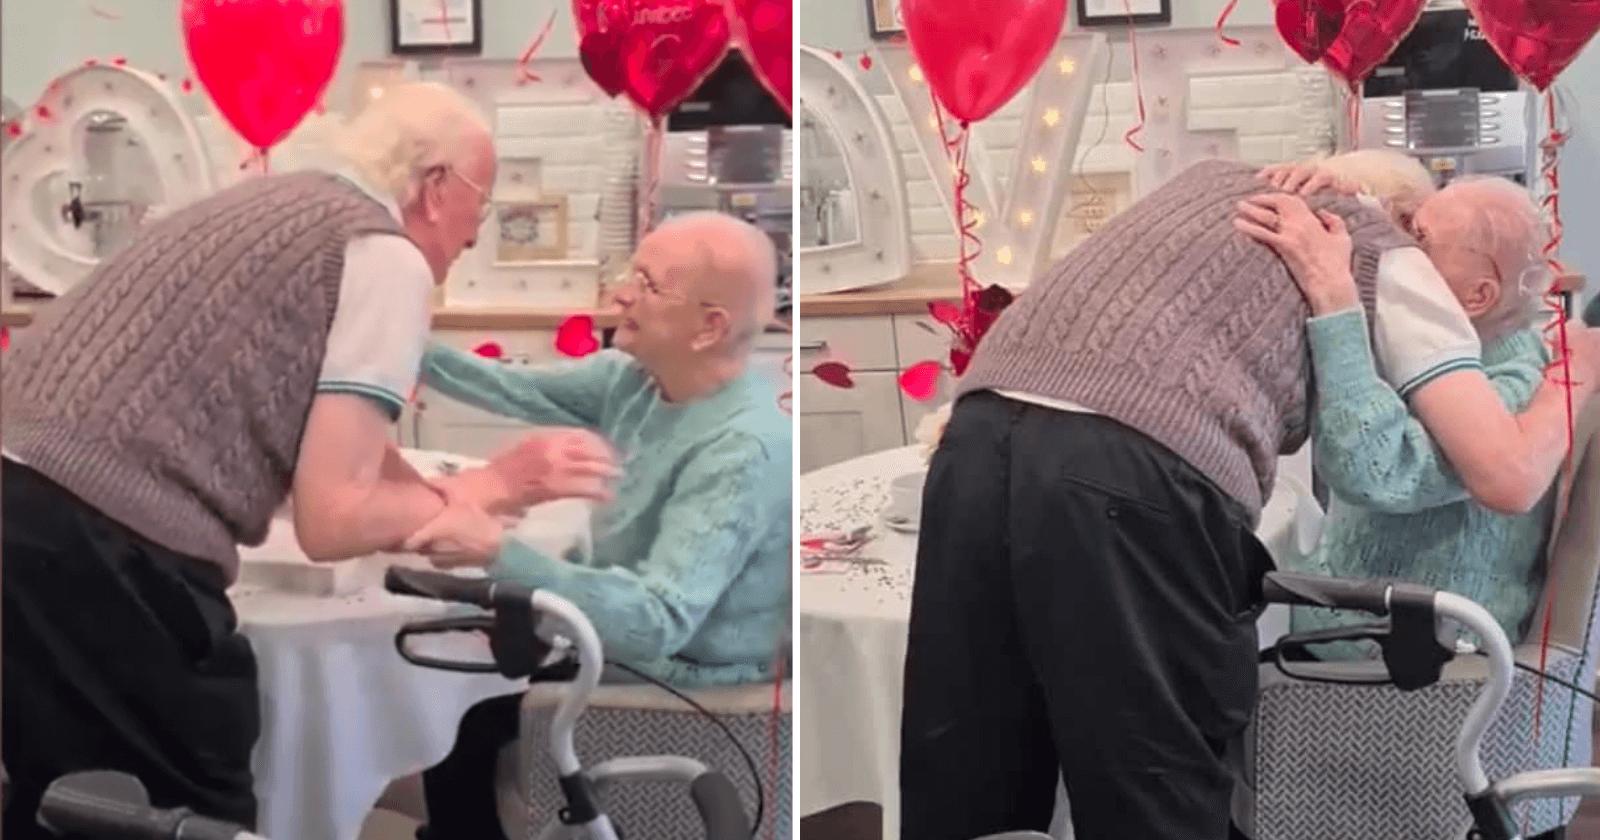 Passando 5 semanas separados, idosos casados há 76 anos se reencontram e momento explode corações!